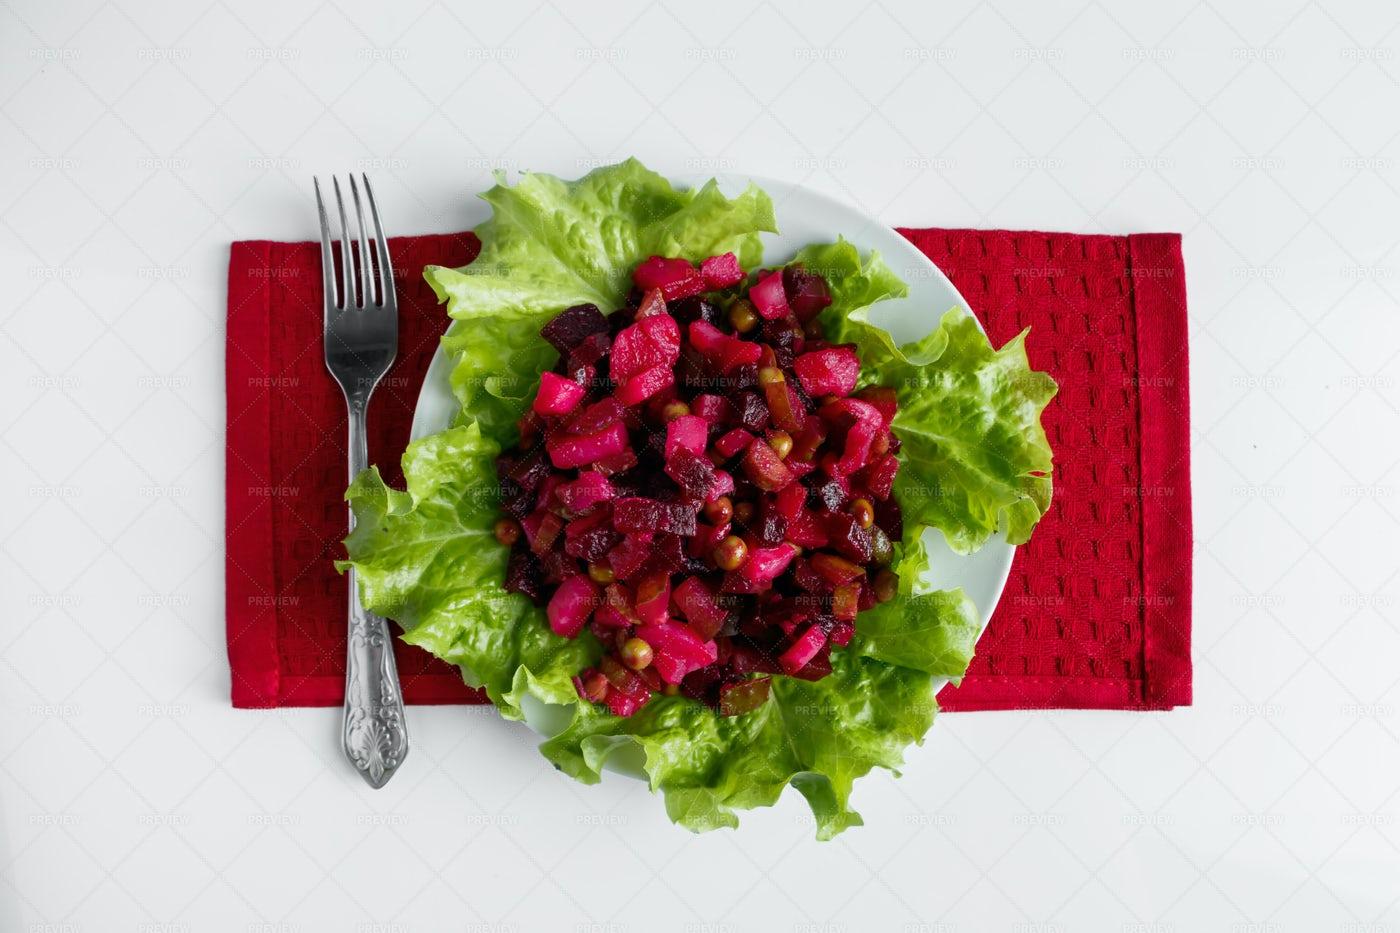 Vinaigrette On Lettuce Leaves: Stock Photos